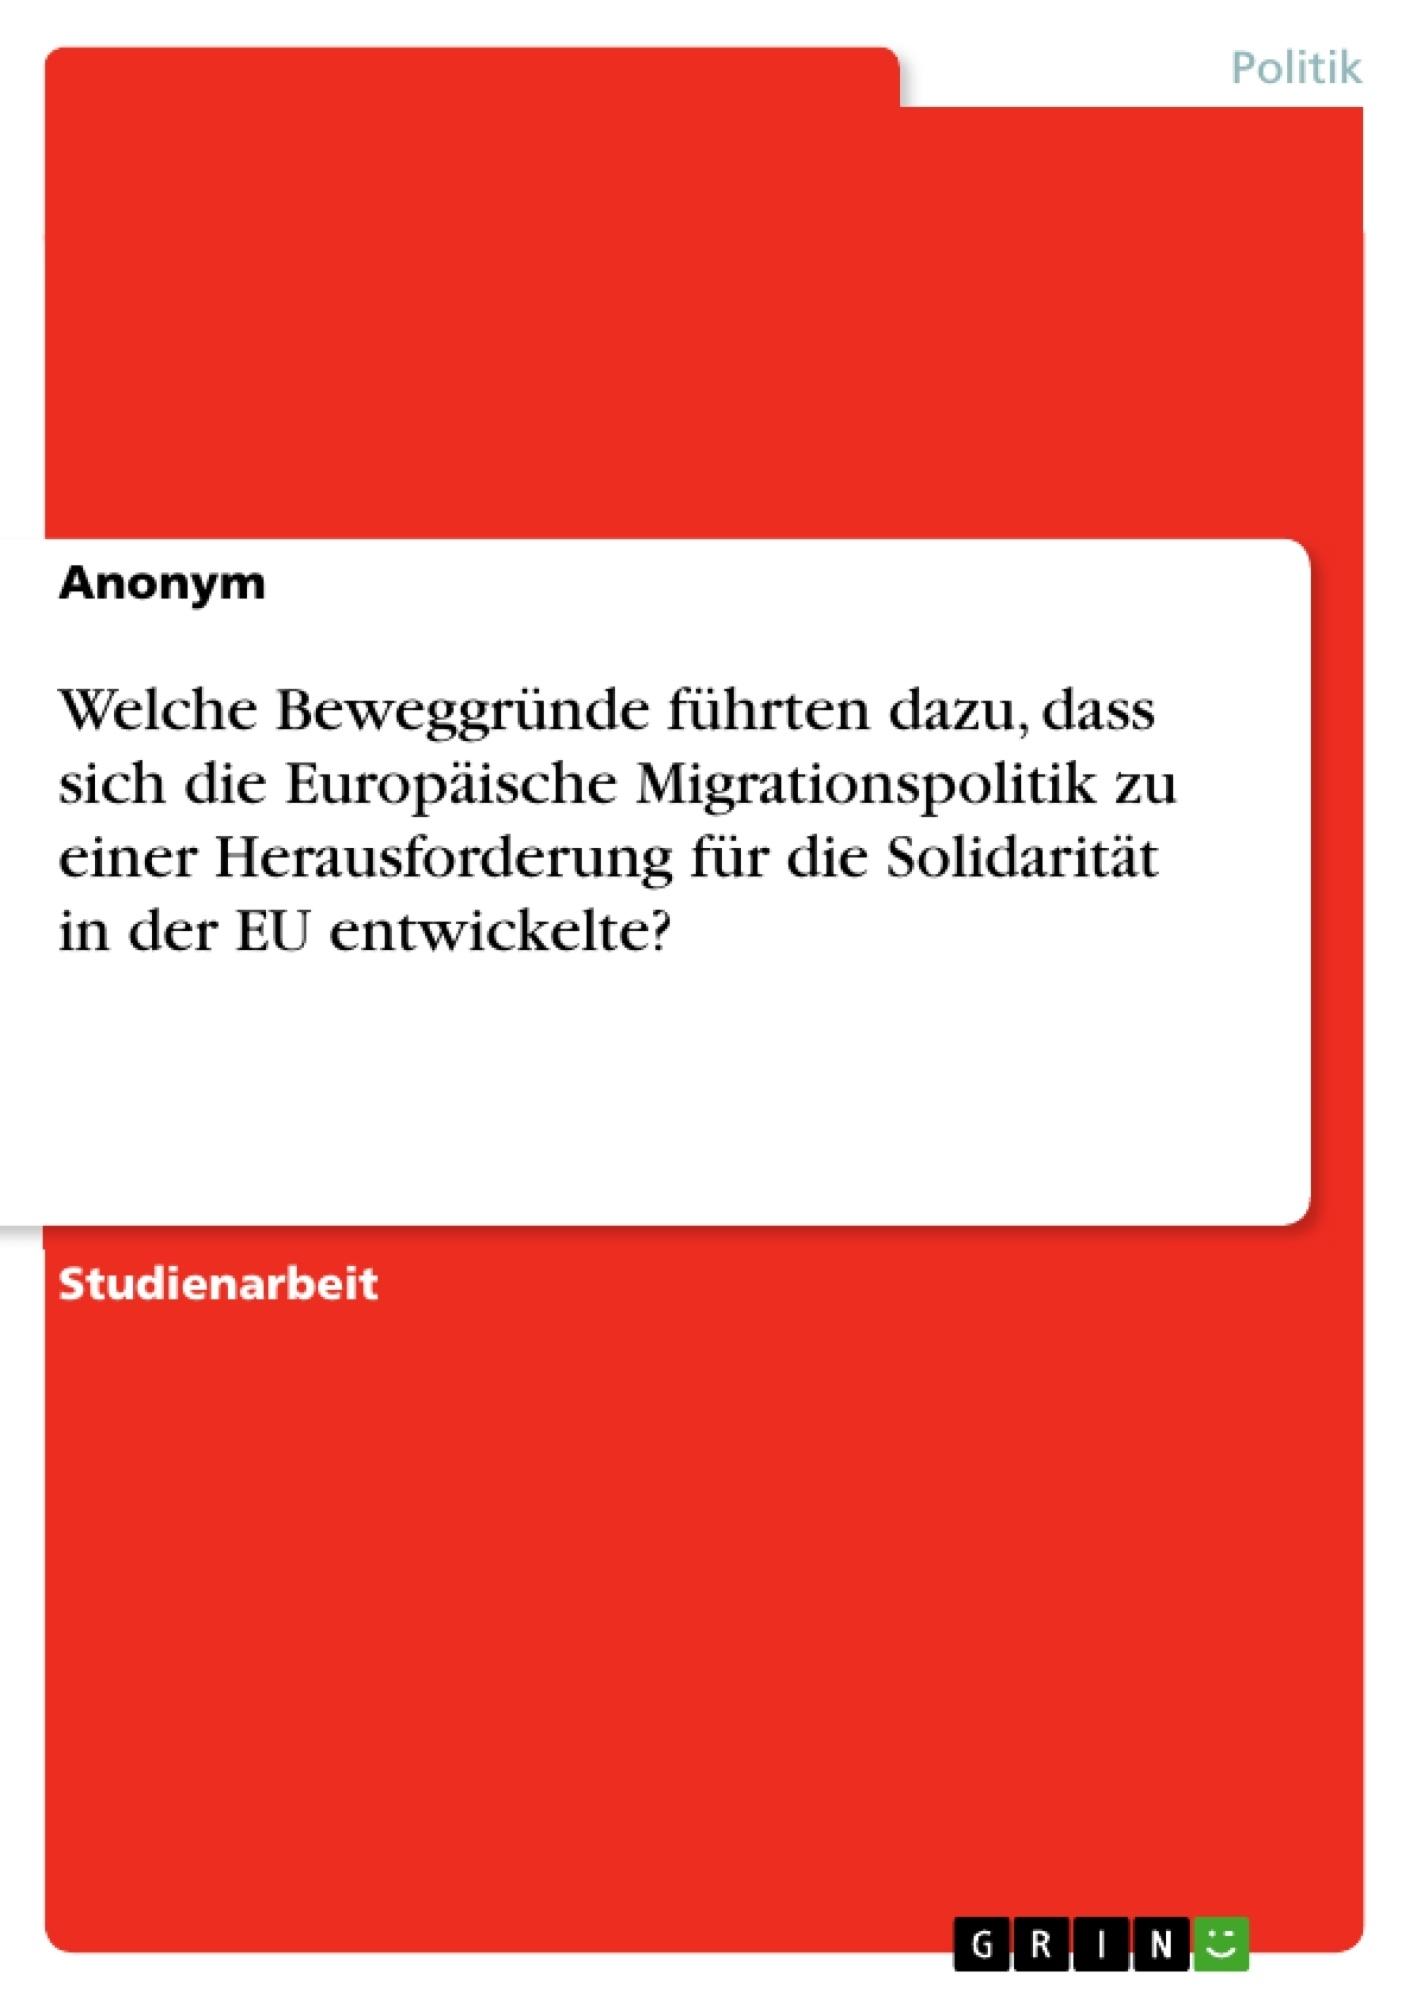 Titel: Welche Beweggründe führten dazu, dass sich die Europäische Migrationspolitik zu einer Herausforderung für die Solidarität in der EU entwickelte?